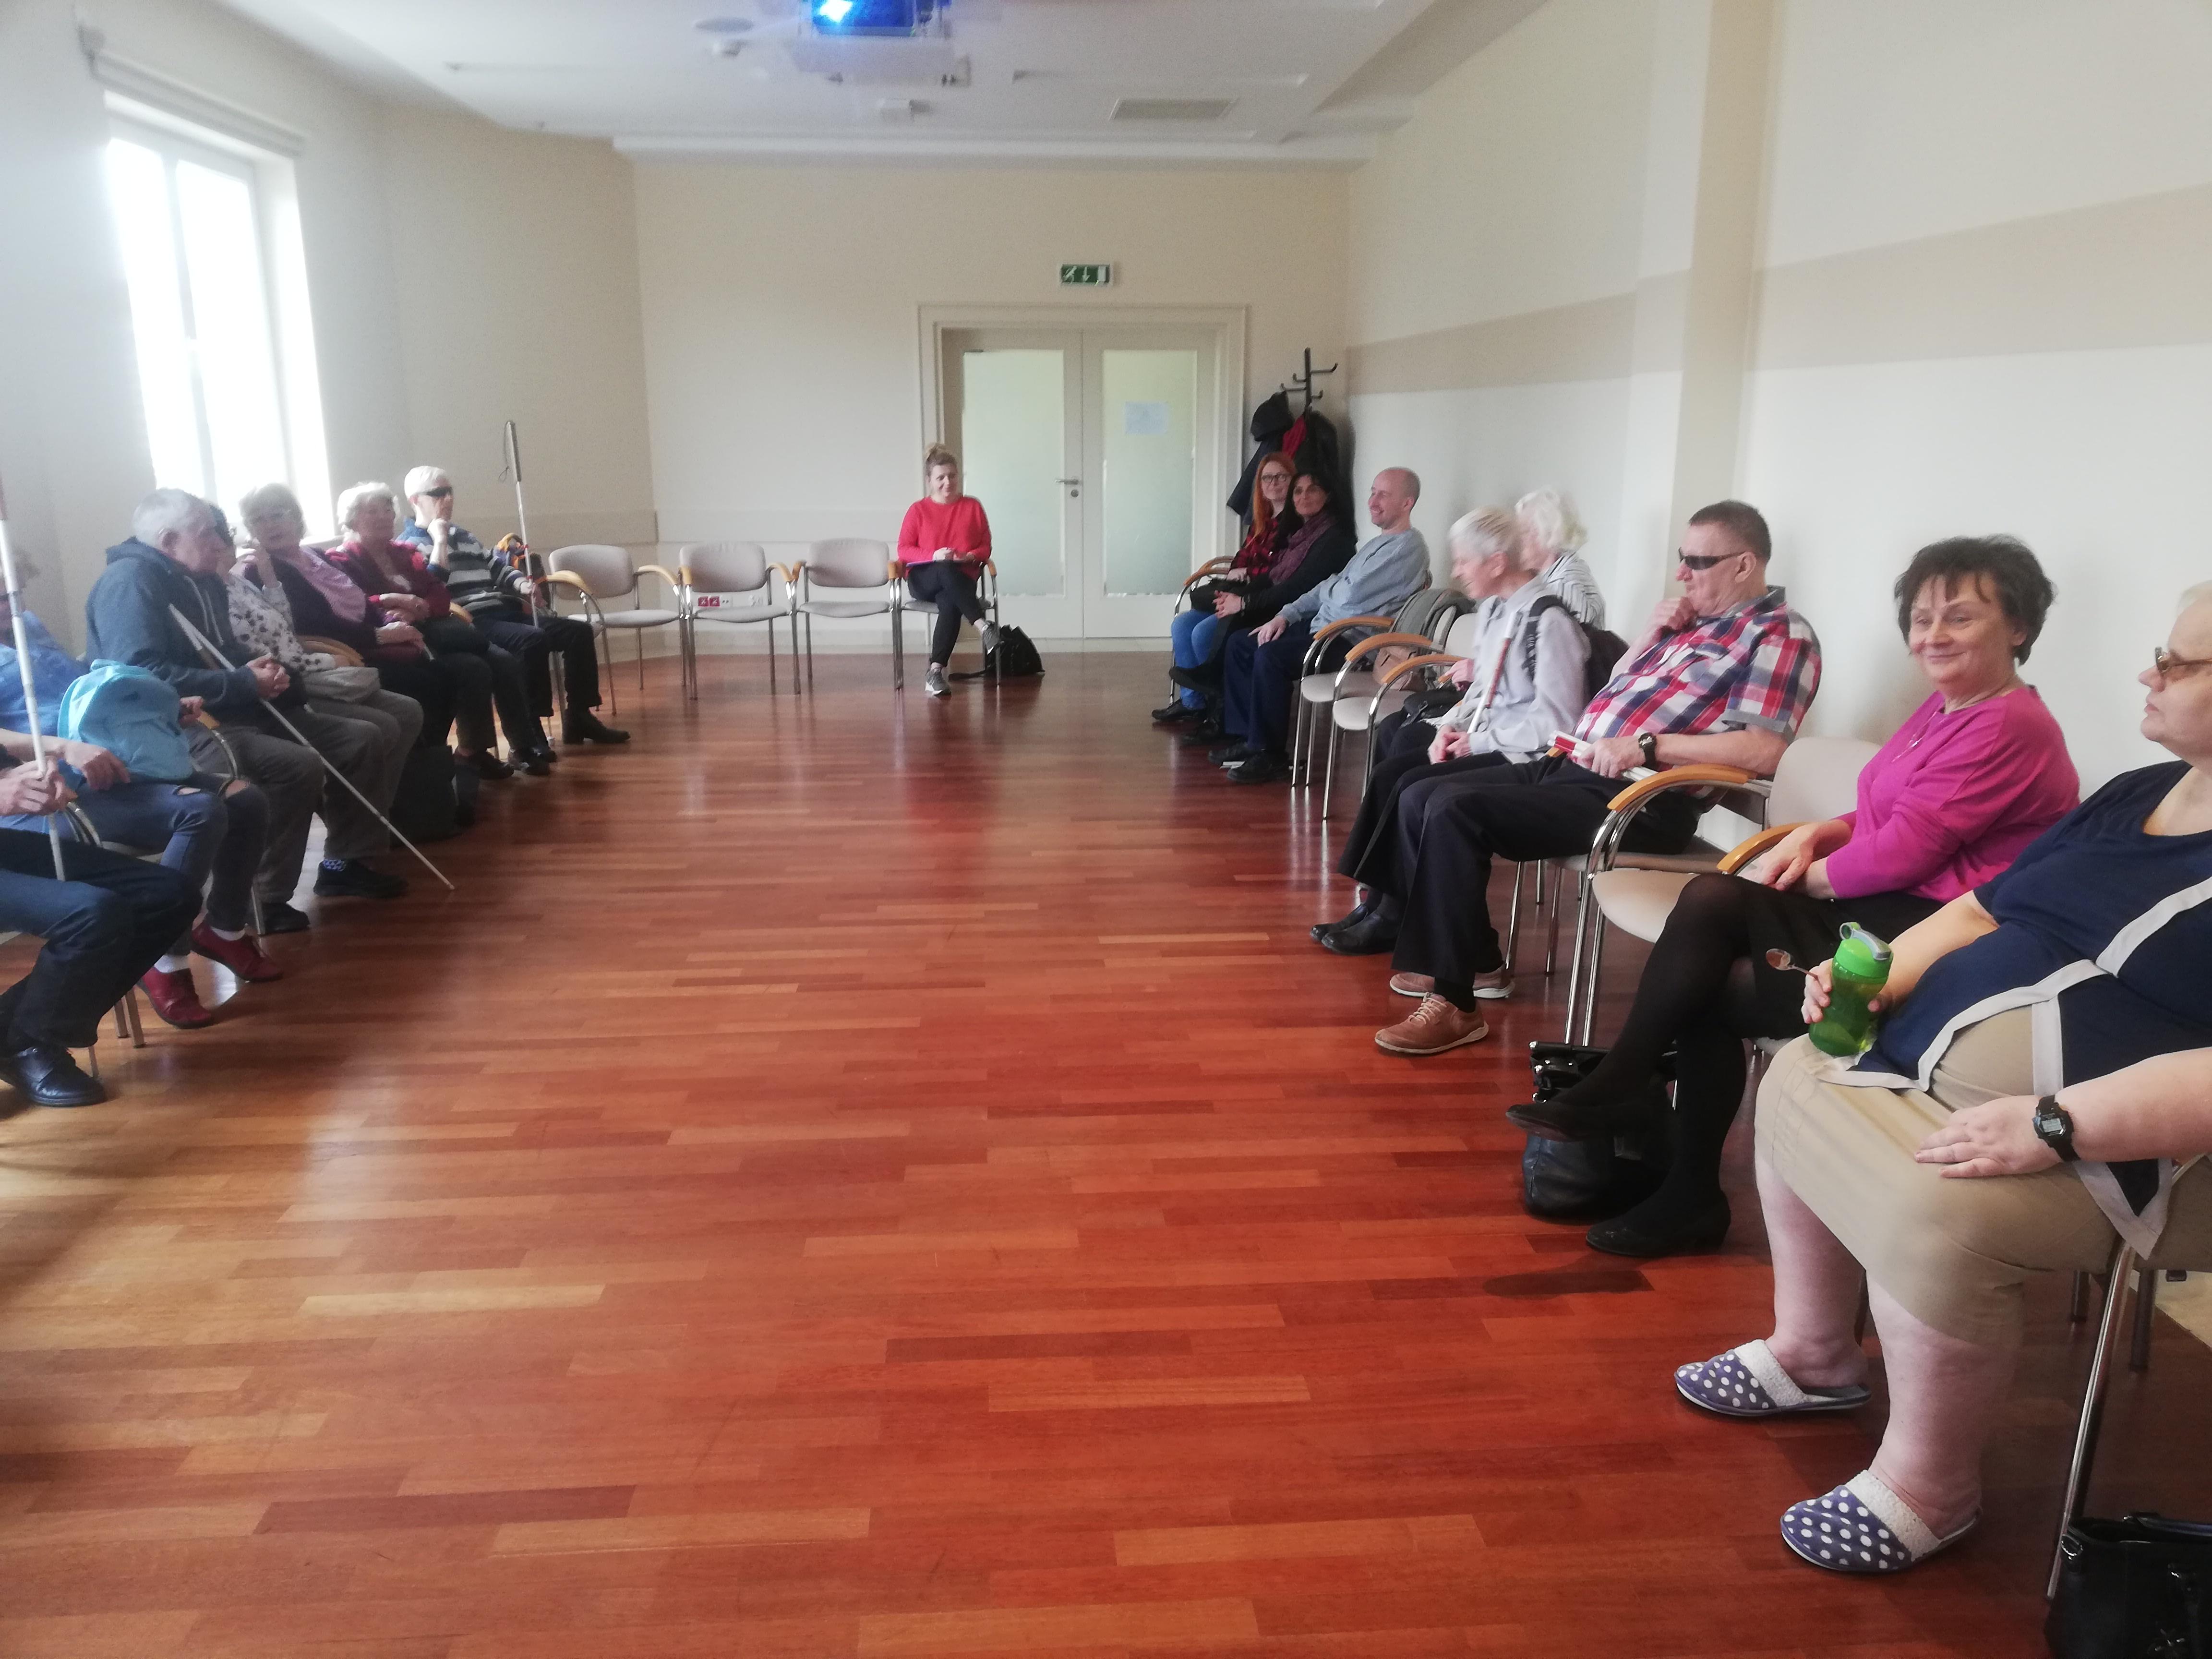 Duża sala konferencyjna z białymi ścianami i podłogą z prostokątnymi panelami w kolorze kasztanowym. W pomieszczeniu na krzesłach ustawionych wzdłuż ścian siedzą uczestnicy szkolenia. Uwagę zwraca siedząca z prawej strony subtelnie uśmiechnięta pani w średnim wieku ubrana w malinową bluzkę. Na tle przeszklonych drzwi siedzi blondynka w upiętych do góry włosach, w czerwonej bluzce.